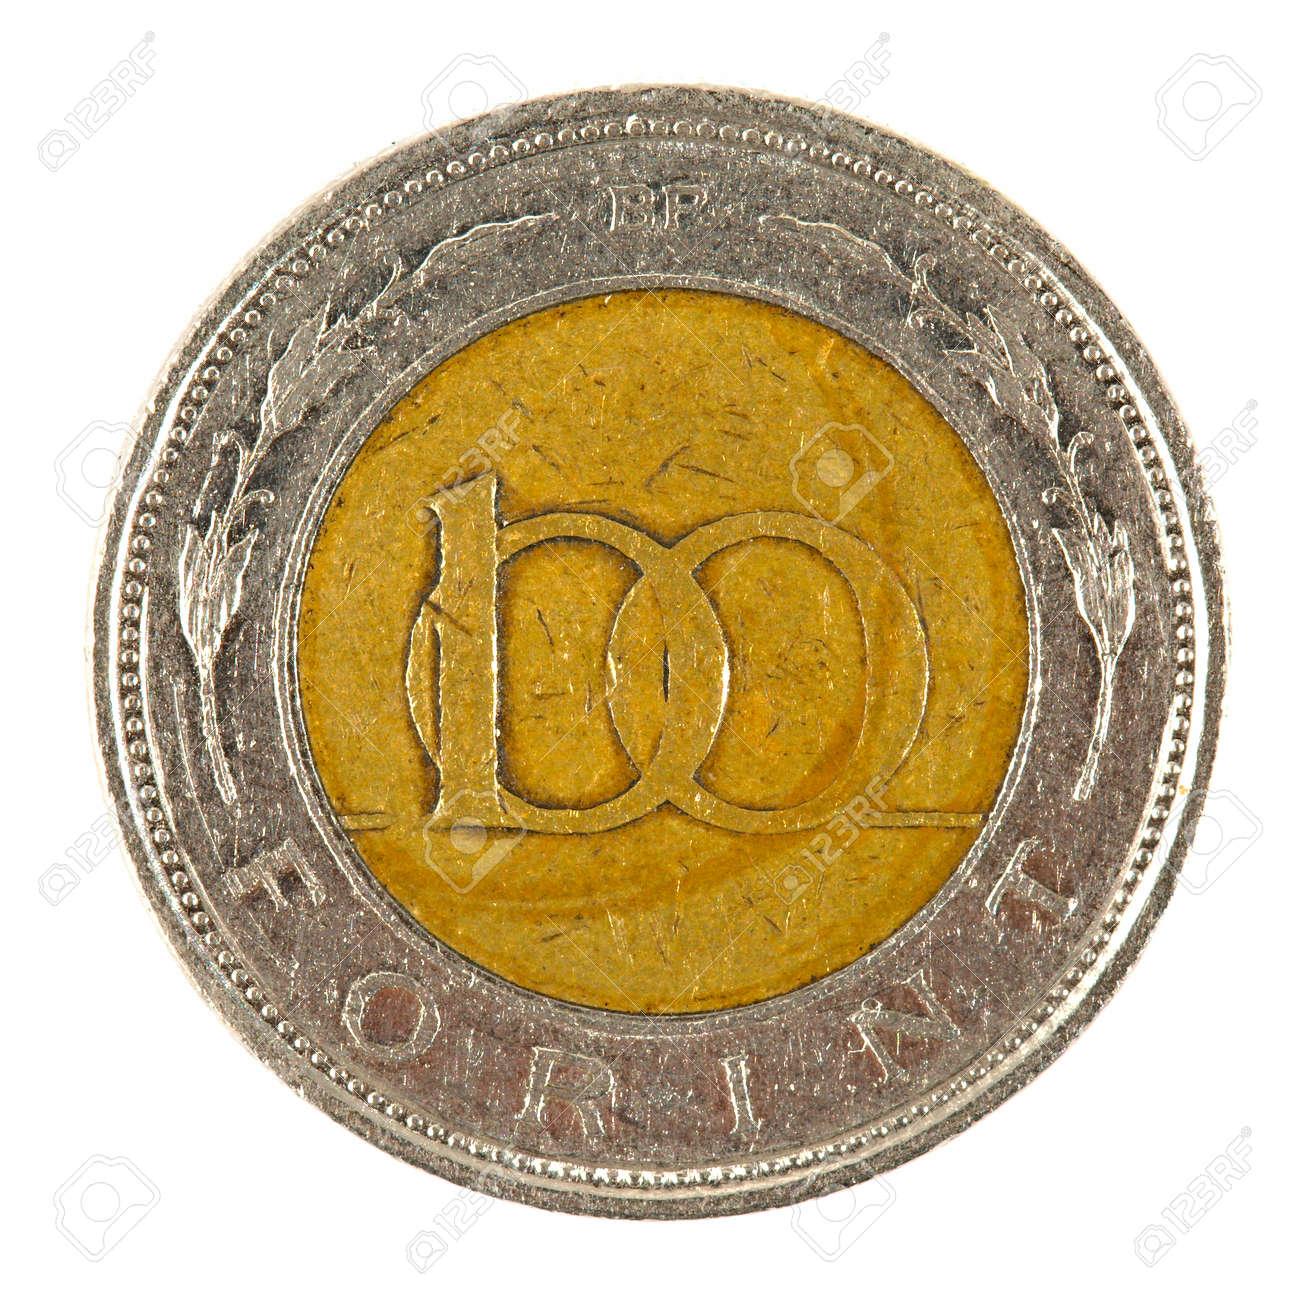 100 Ungarische Forint Münze Auf Weißem Hintergrund Lizenzfreie Fotos